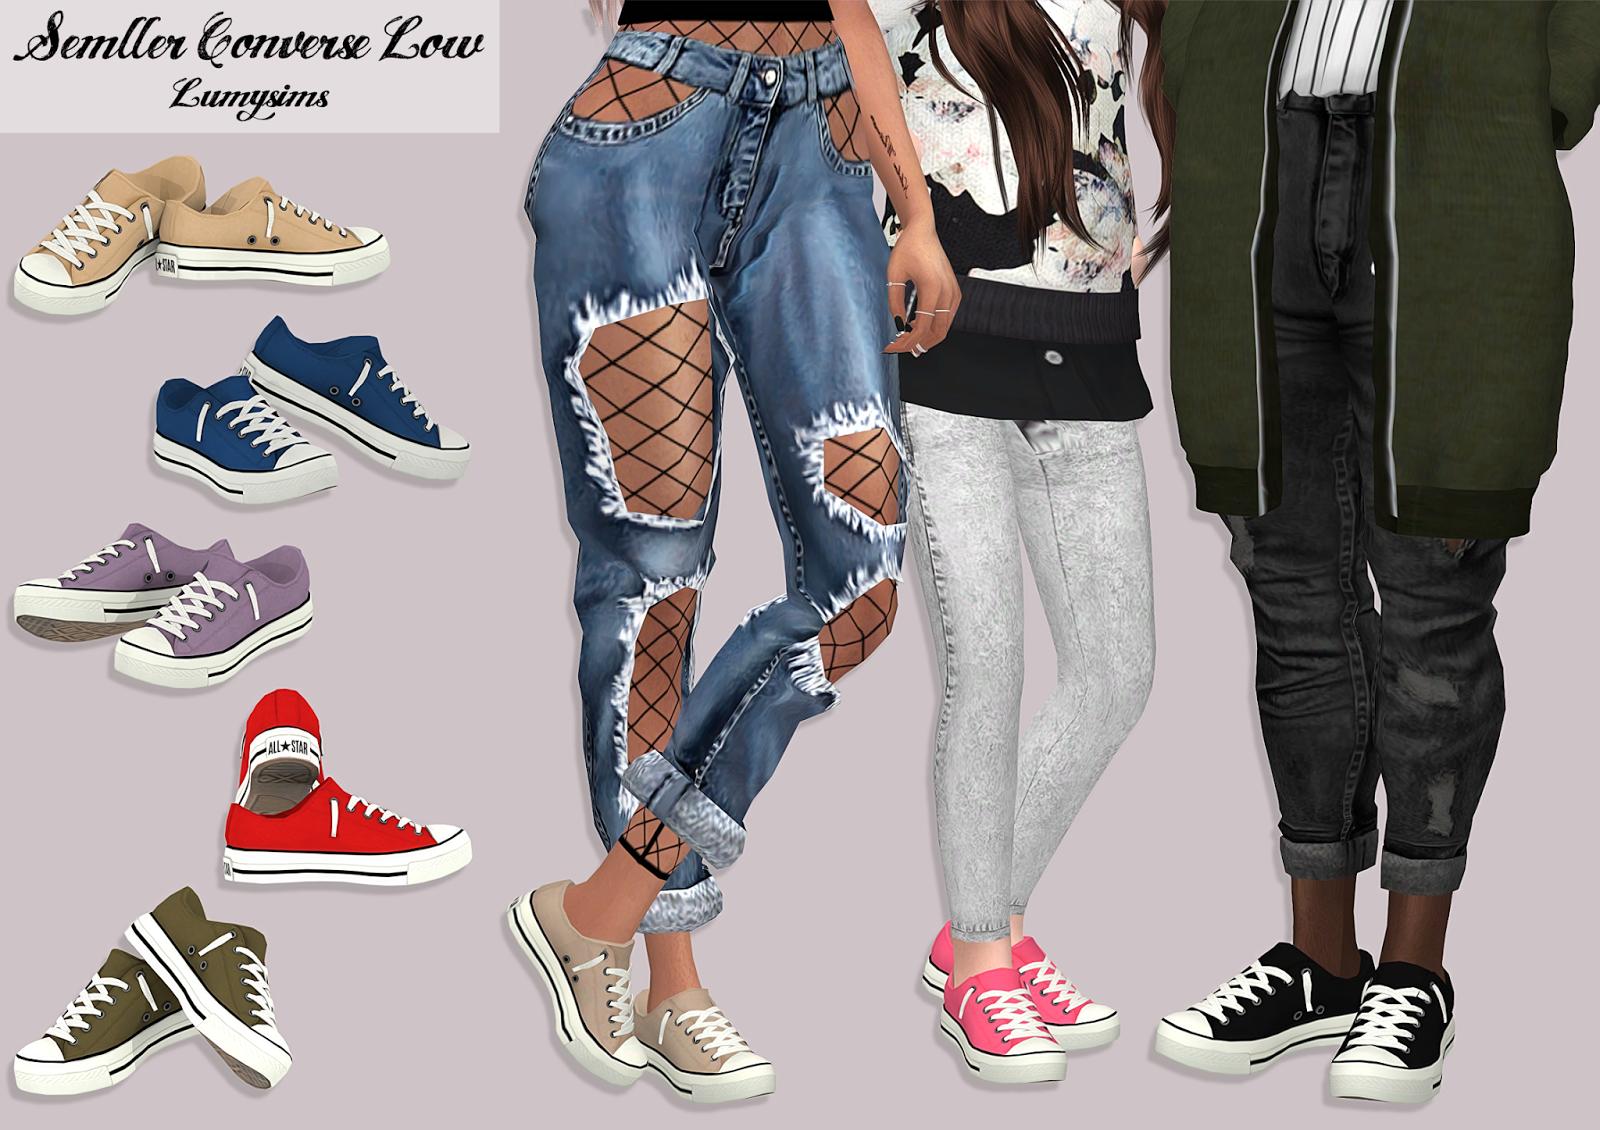 Женская обувь - Страница 2 Previewconverse